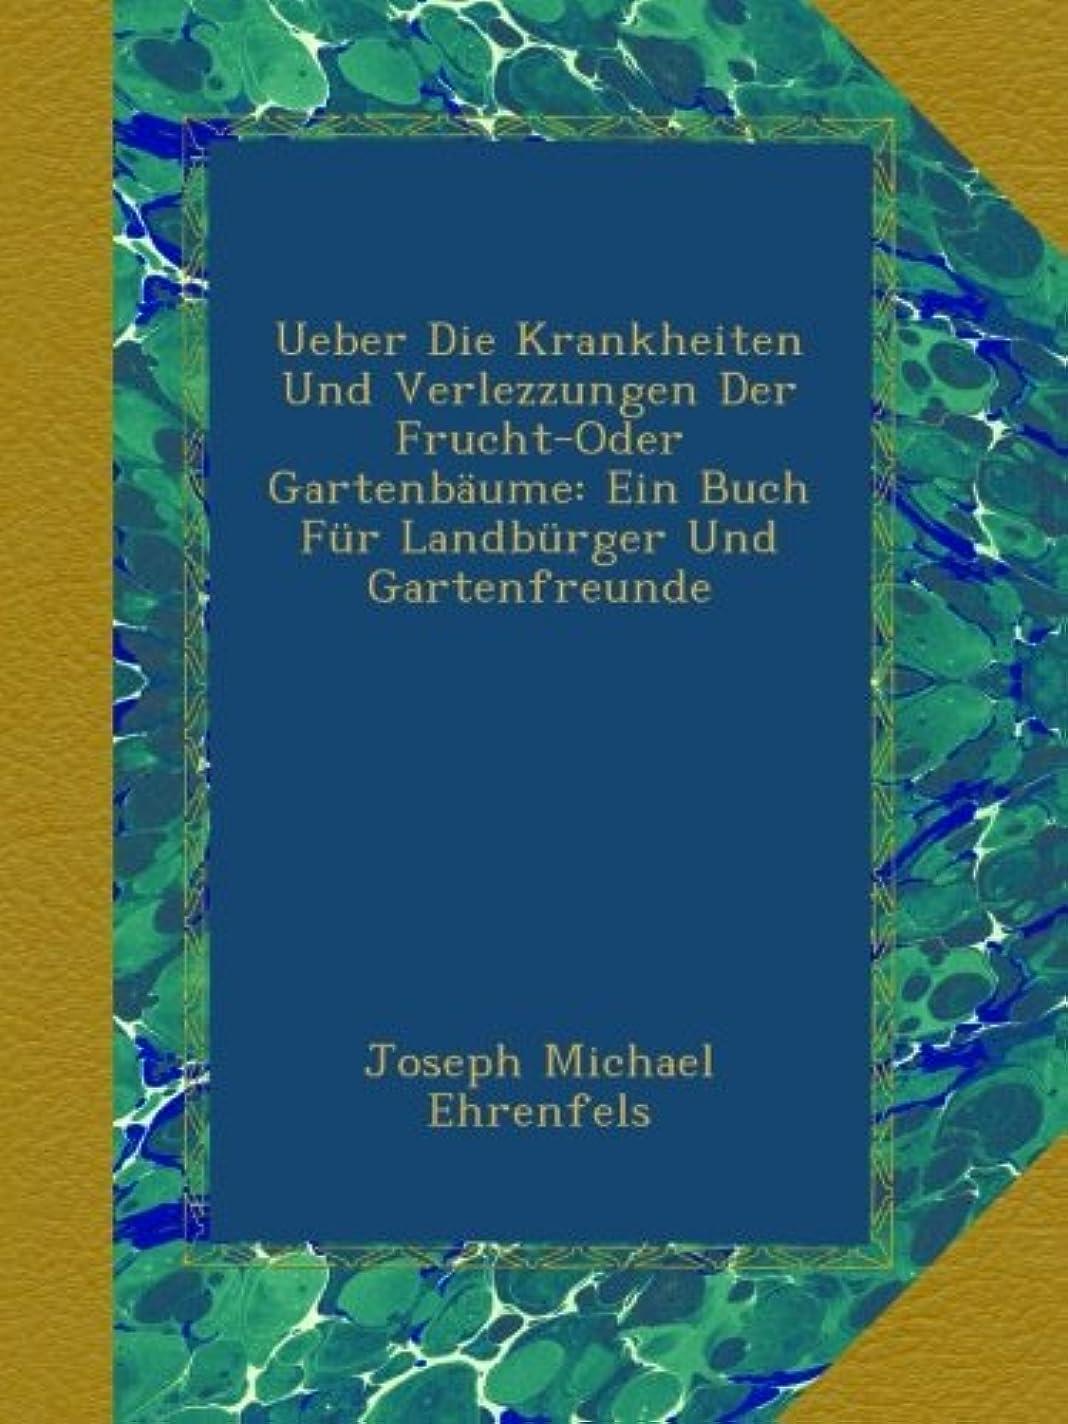 女性雄大な国家Ueber Die Krankheiten Und Verlezzungen Der Frucht-Oder Gartenbaeume: Ein Buch Fuer Landbuerger Und Gartenfreunde